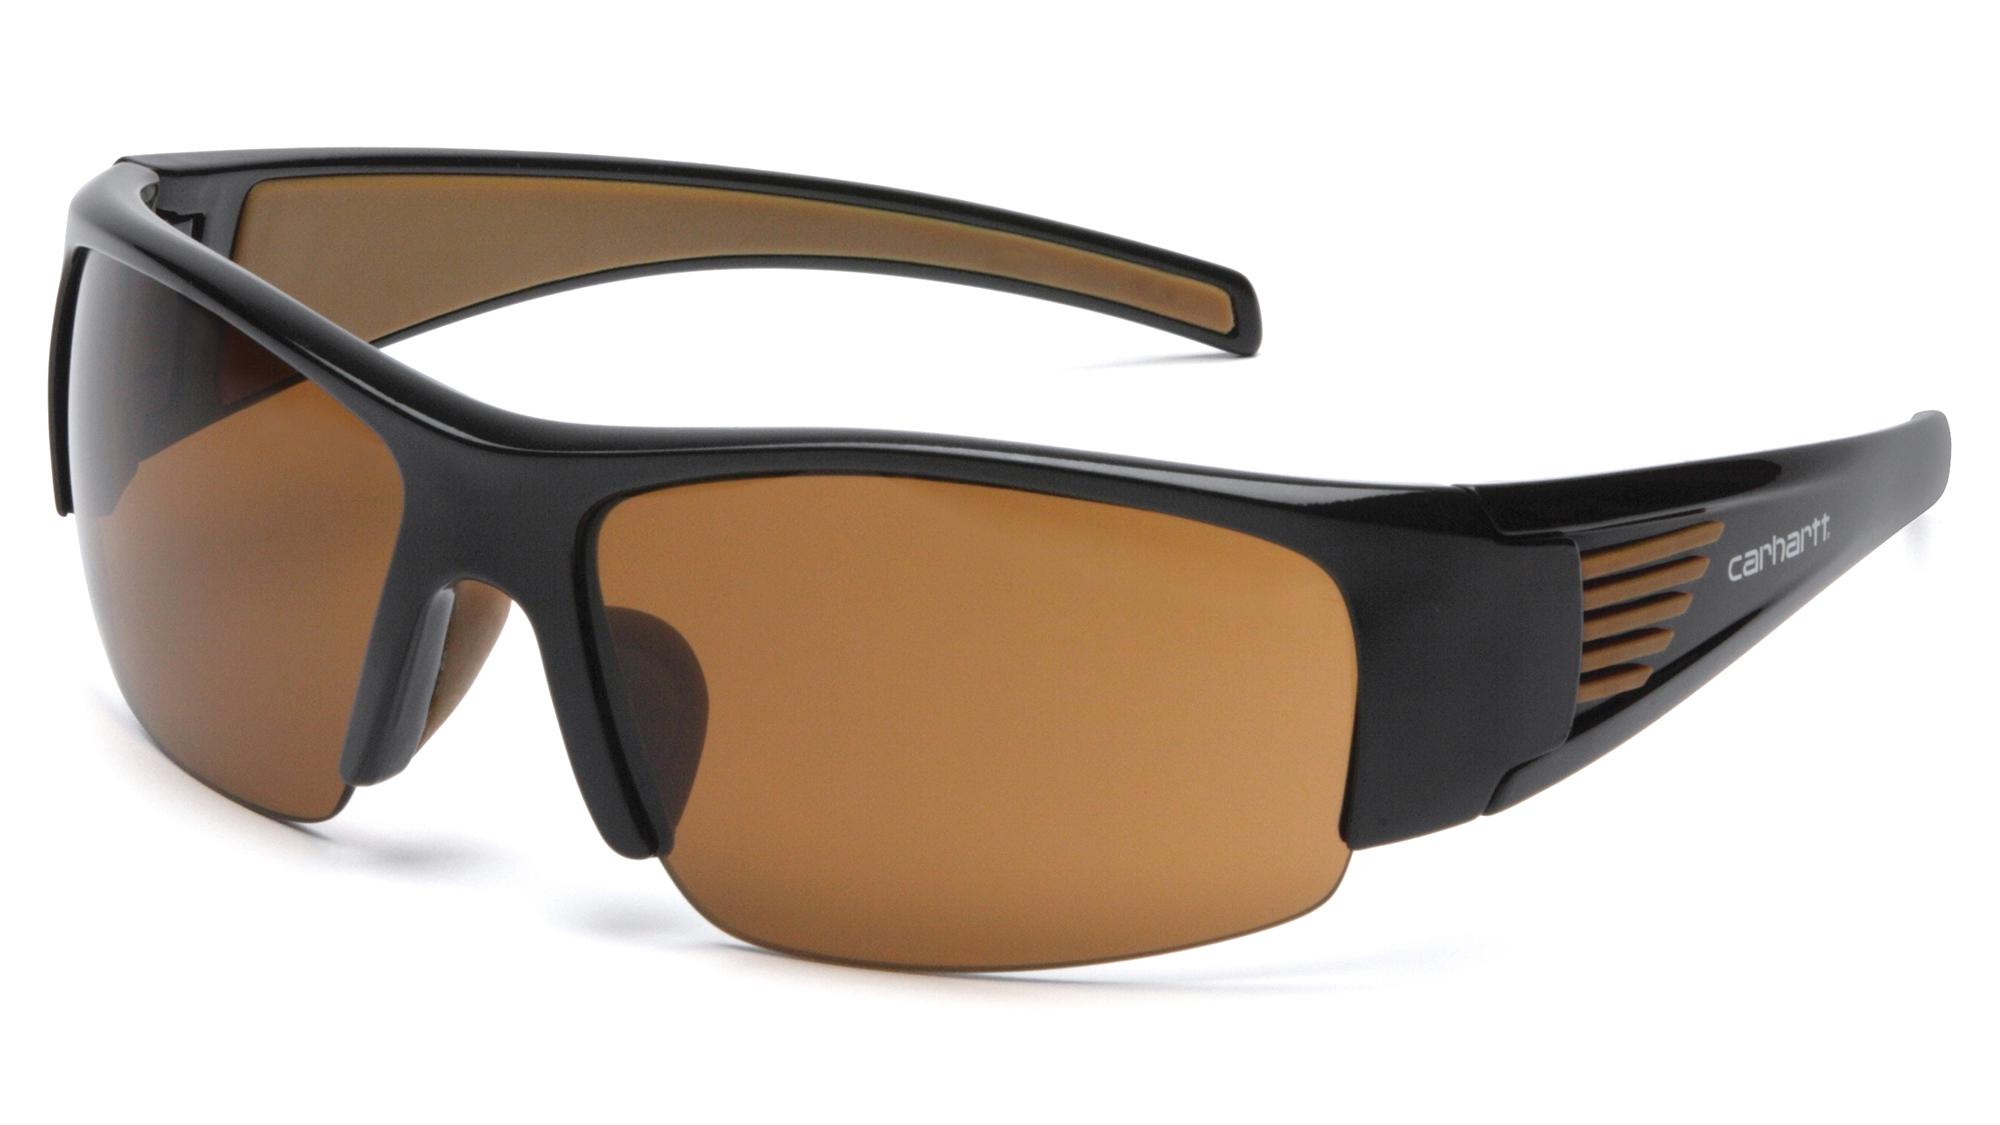 Carhartt Thunder Bay Sandstone Bronze Lens Safety Glasses-